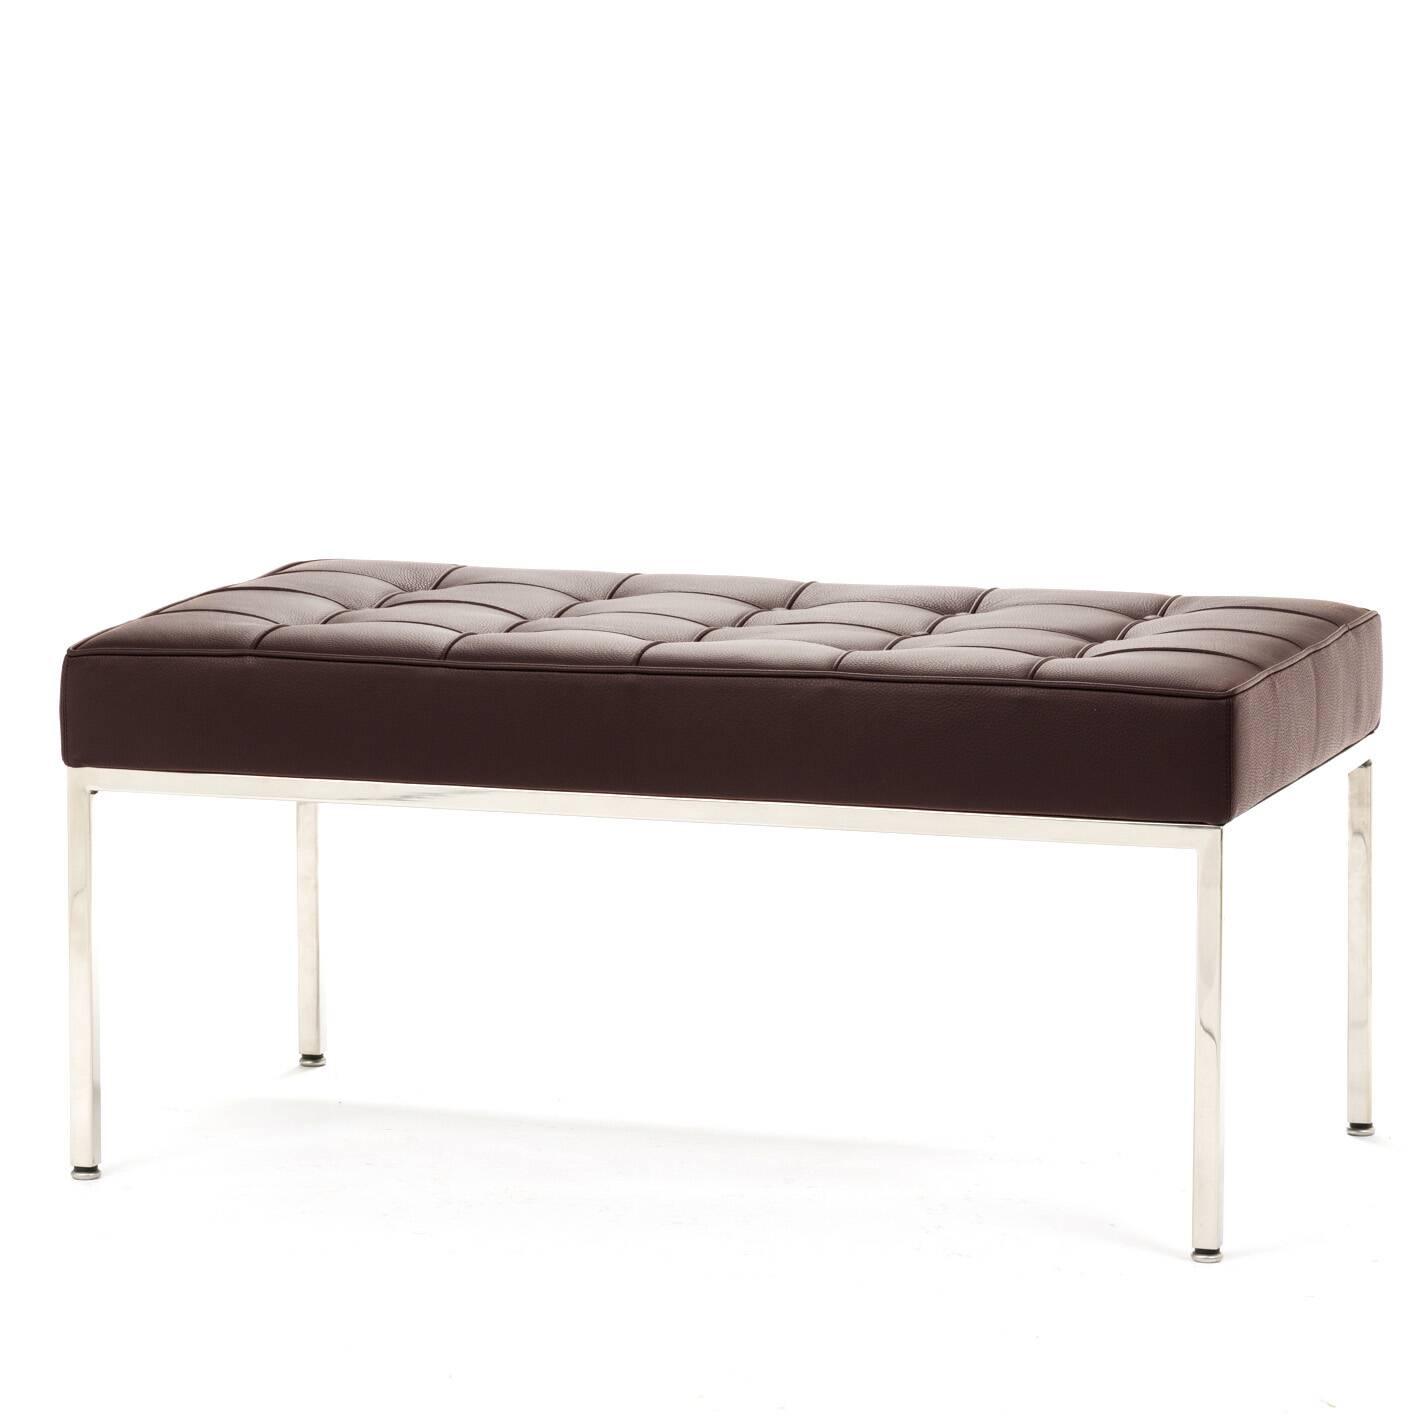 Скамья Florence кожаная ширина 93Скамьи и лавочки<br>Универсальная коллекция Florence включает в себя кресло для отдыха, диван, двухместную и трехместную скамьи.<br><br><br> Как и многие инновационные проекты, ставшие позже золотым стандартом мебельной промышленности, скамья Florence кожаная ширина 93 характеризуется объективным перфекционизмом современного дизайна и архитектуры середины XX столетия.<br><br><br> Скамья Florence кожаная ширина 93 состоит из отличных, индивидуально сшитых квадратов обивки, приложенной к хромированной стальной конструкци...<br><br>stock: 0<br>Высота: 43<br>Ширина: 93<br>Глубина: 50,5<br>Цвет ножек: Хром<br>Цвет сидения: Коричневый<br>Тип материала сидения: Кожа<br>Тип материала ножек: Сталь нержавеющая